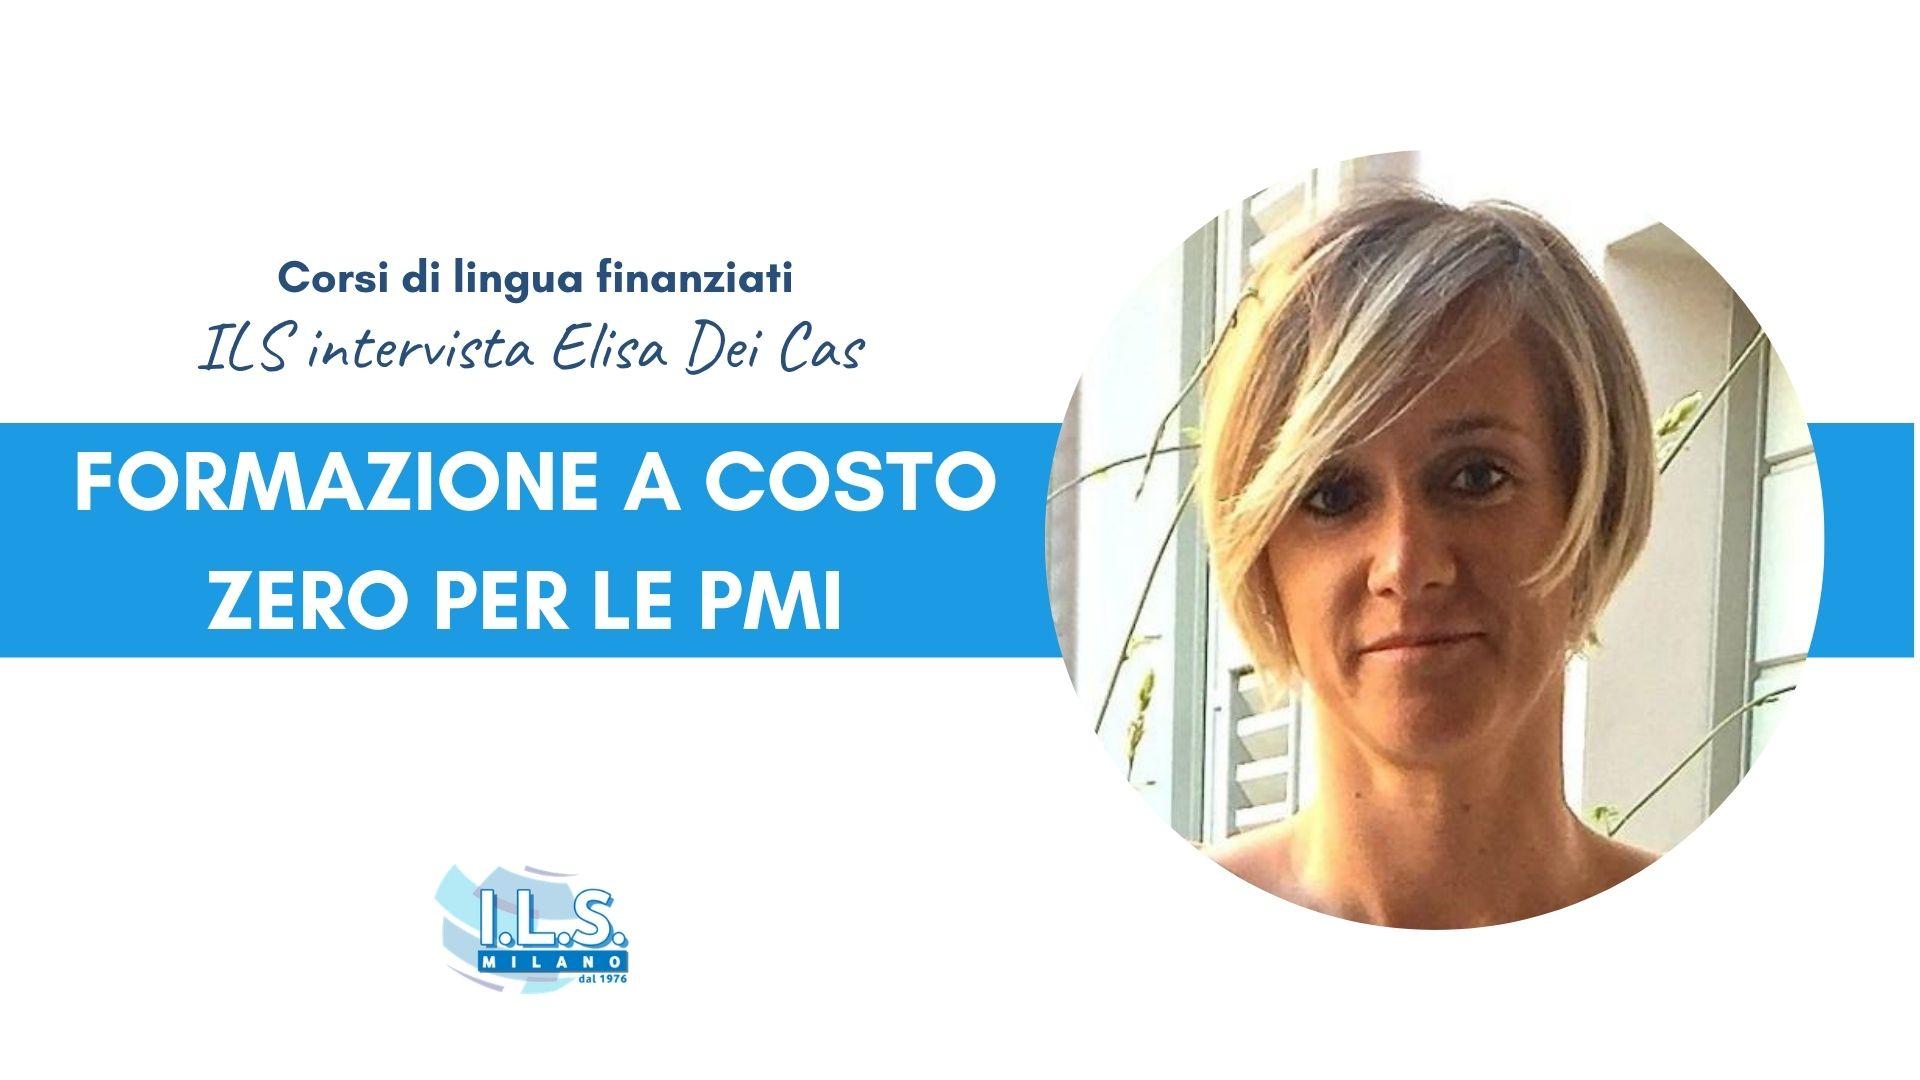 Formazione finanziata a costo zero_ corsi di lingua per le PMI ILS International Language School Elisa Dei Cas Multimediamente corsi di lingua corso di inglese fonarcom